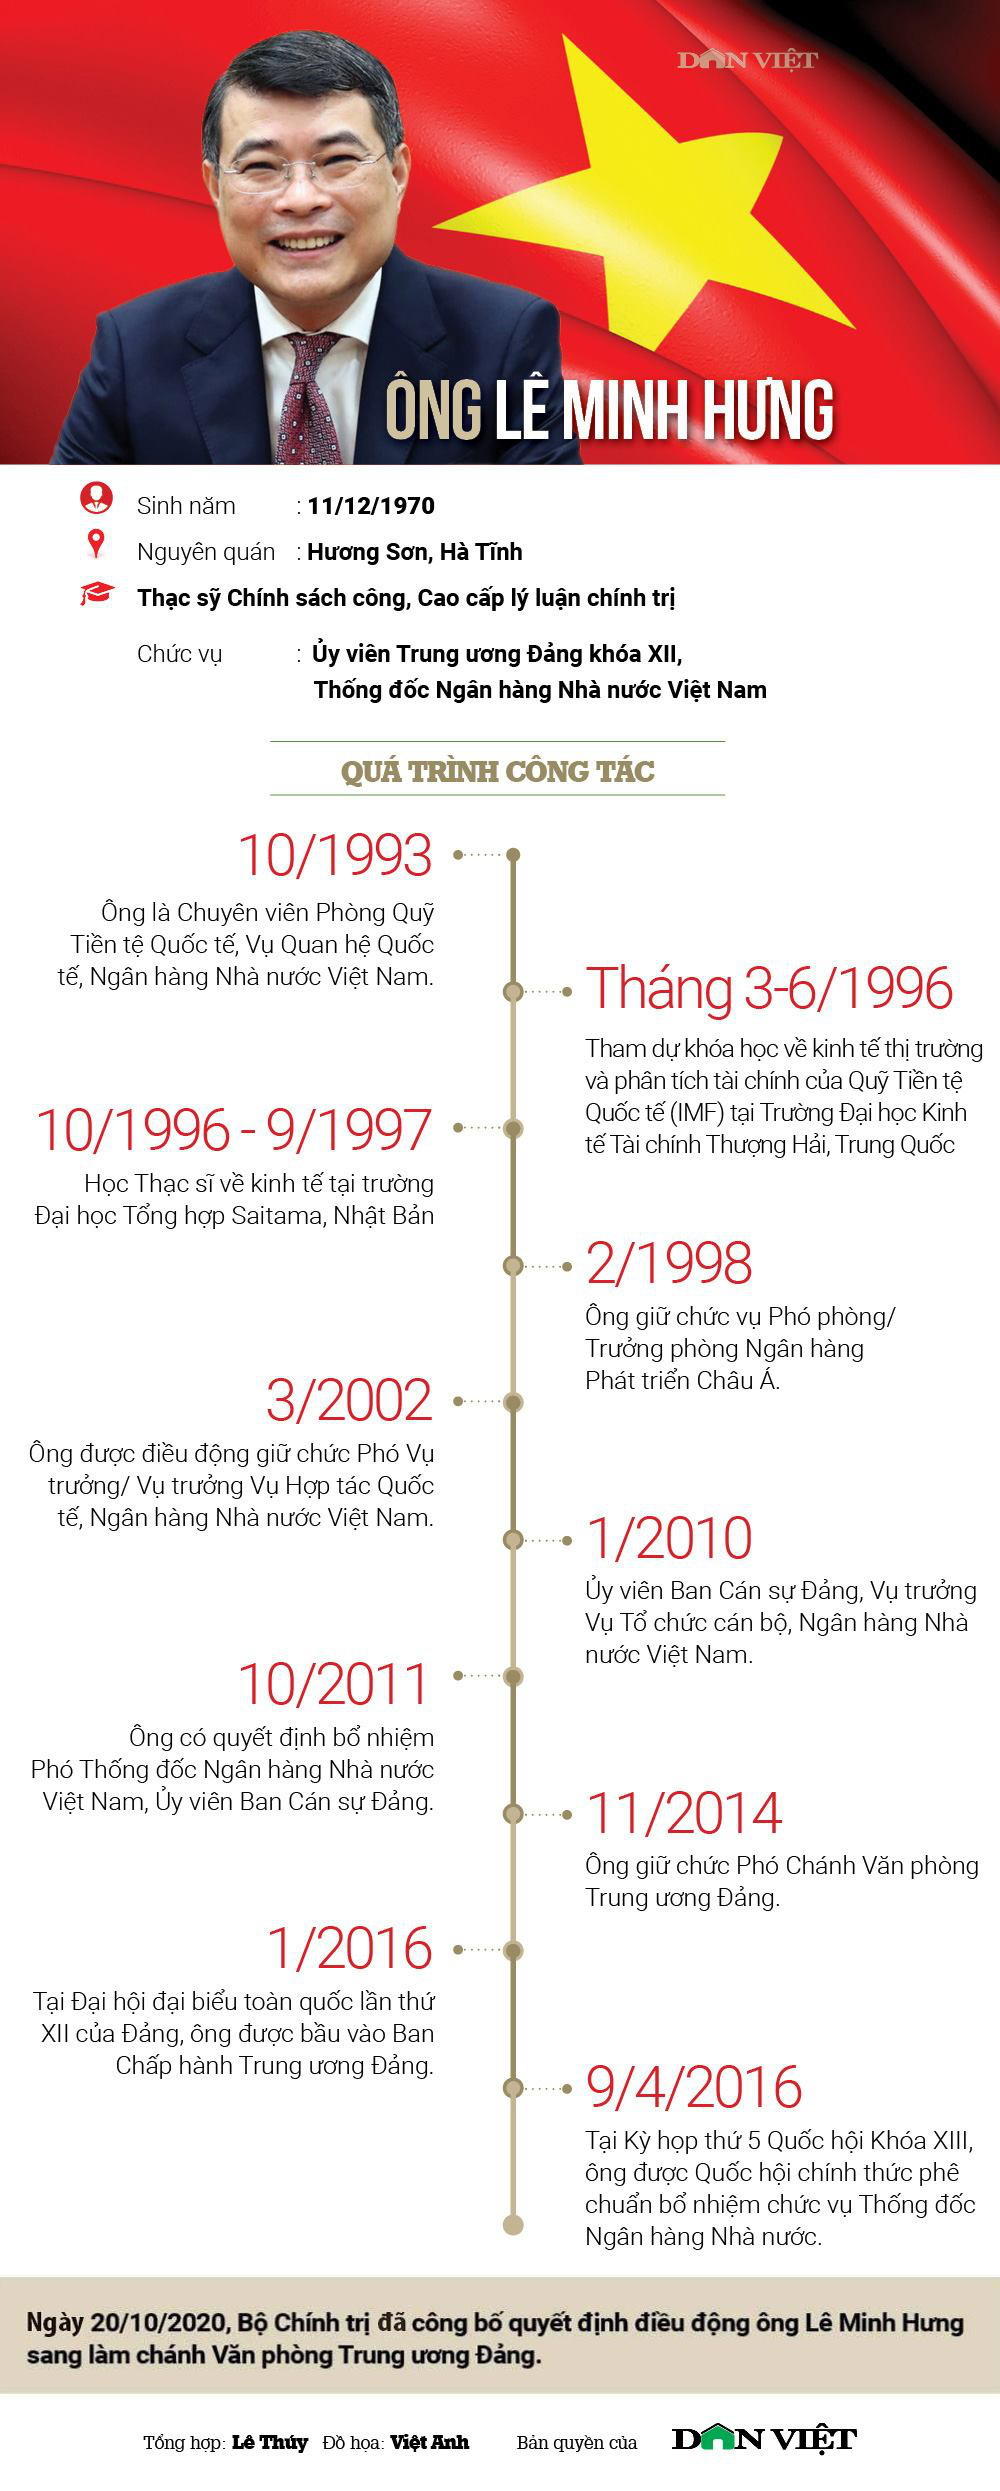 Điều đặc biệt của nguyên Thống đốc Lê Minh Hưng  - Ảnh 7.